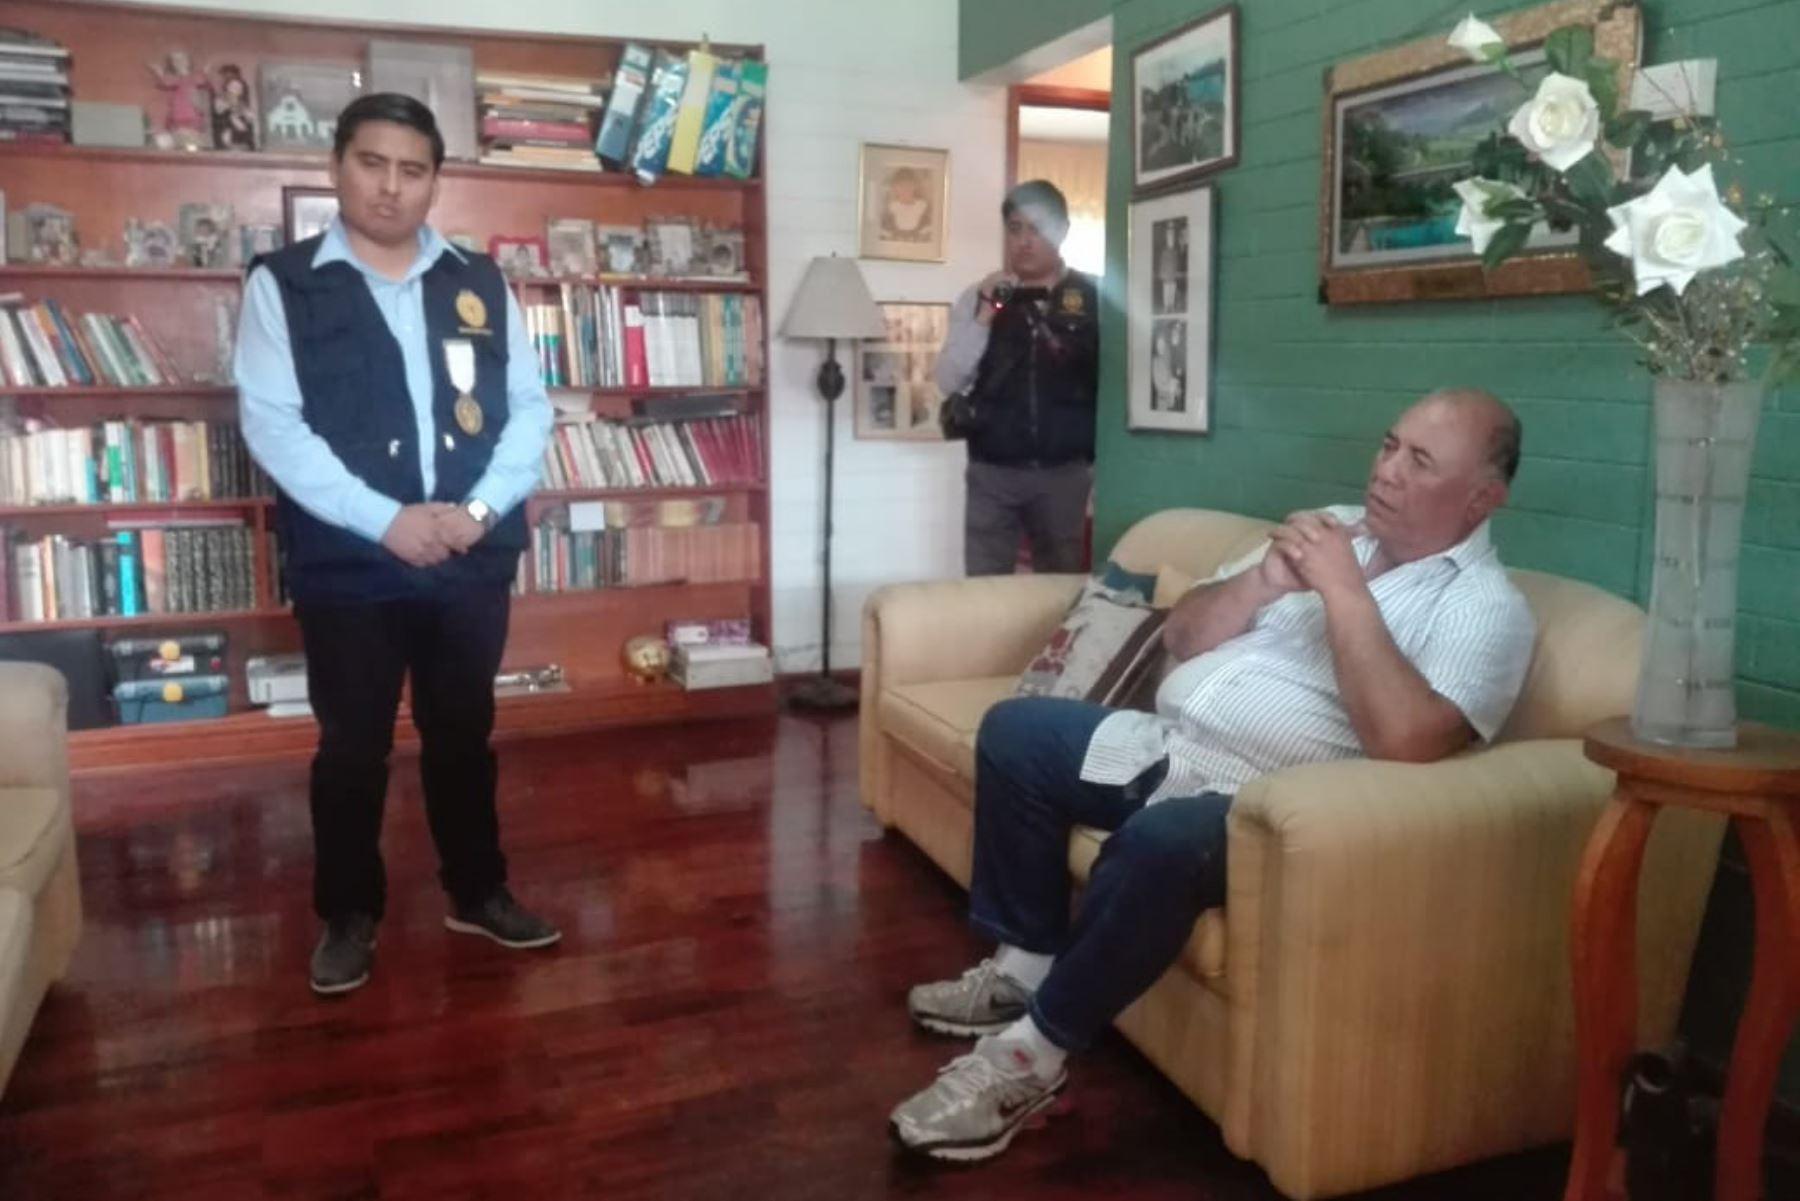 Luis Torres Robledo deberá pasar 18 meses de prisión preventiva en el penal de Pocollay. ANDINA/Difusión